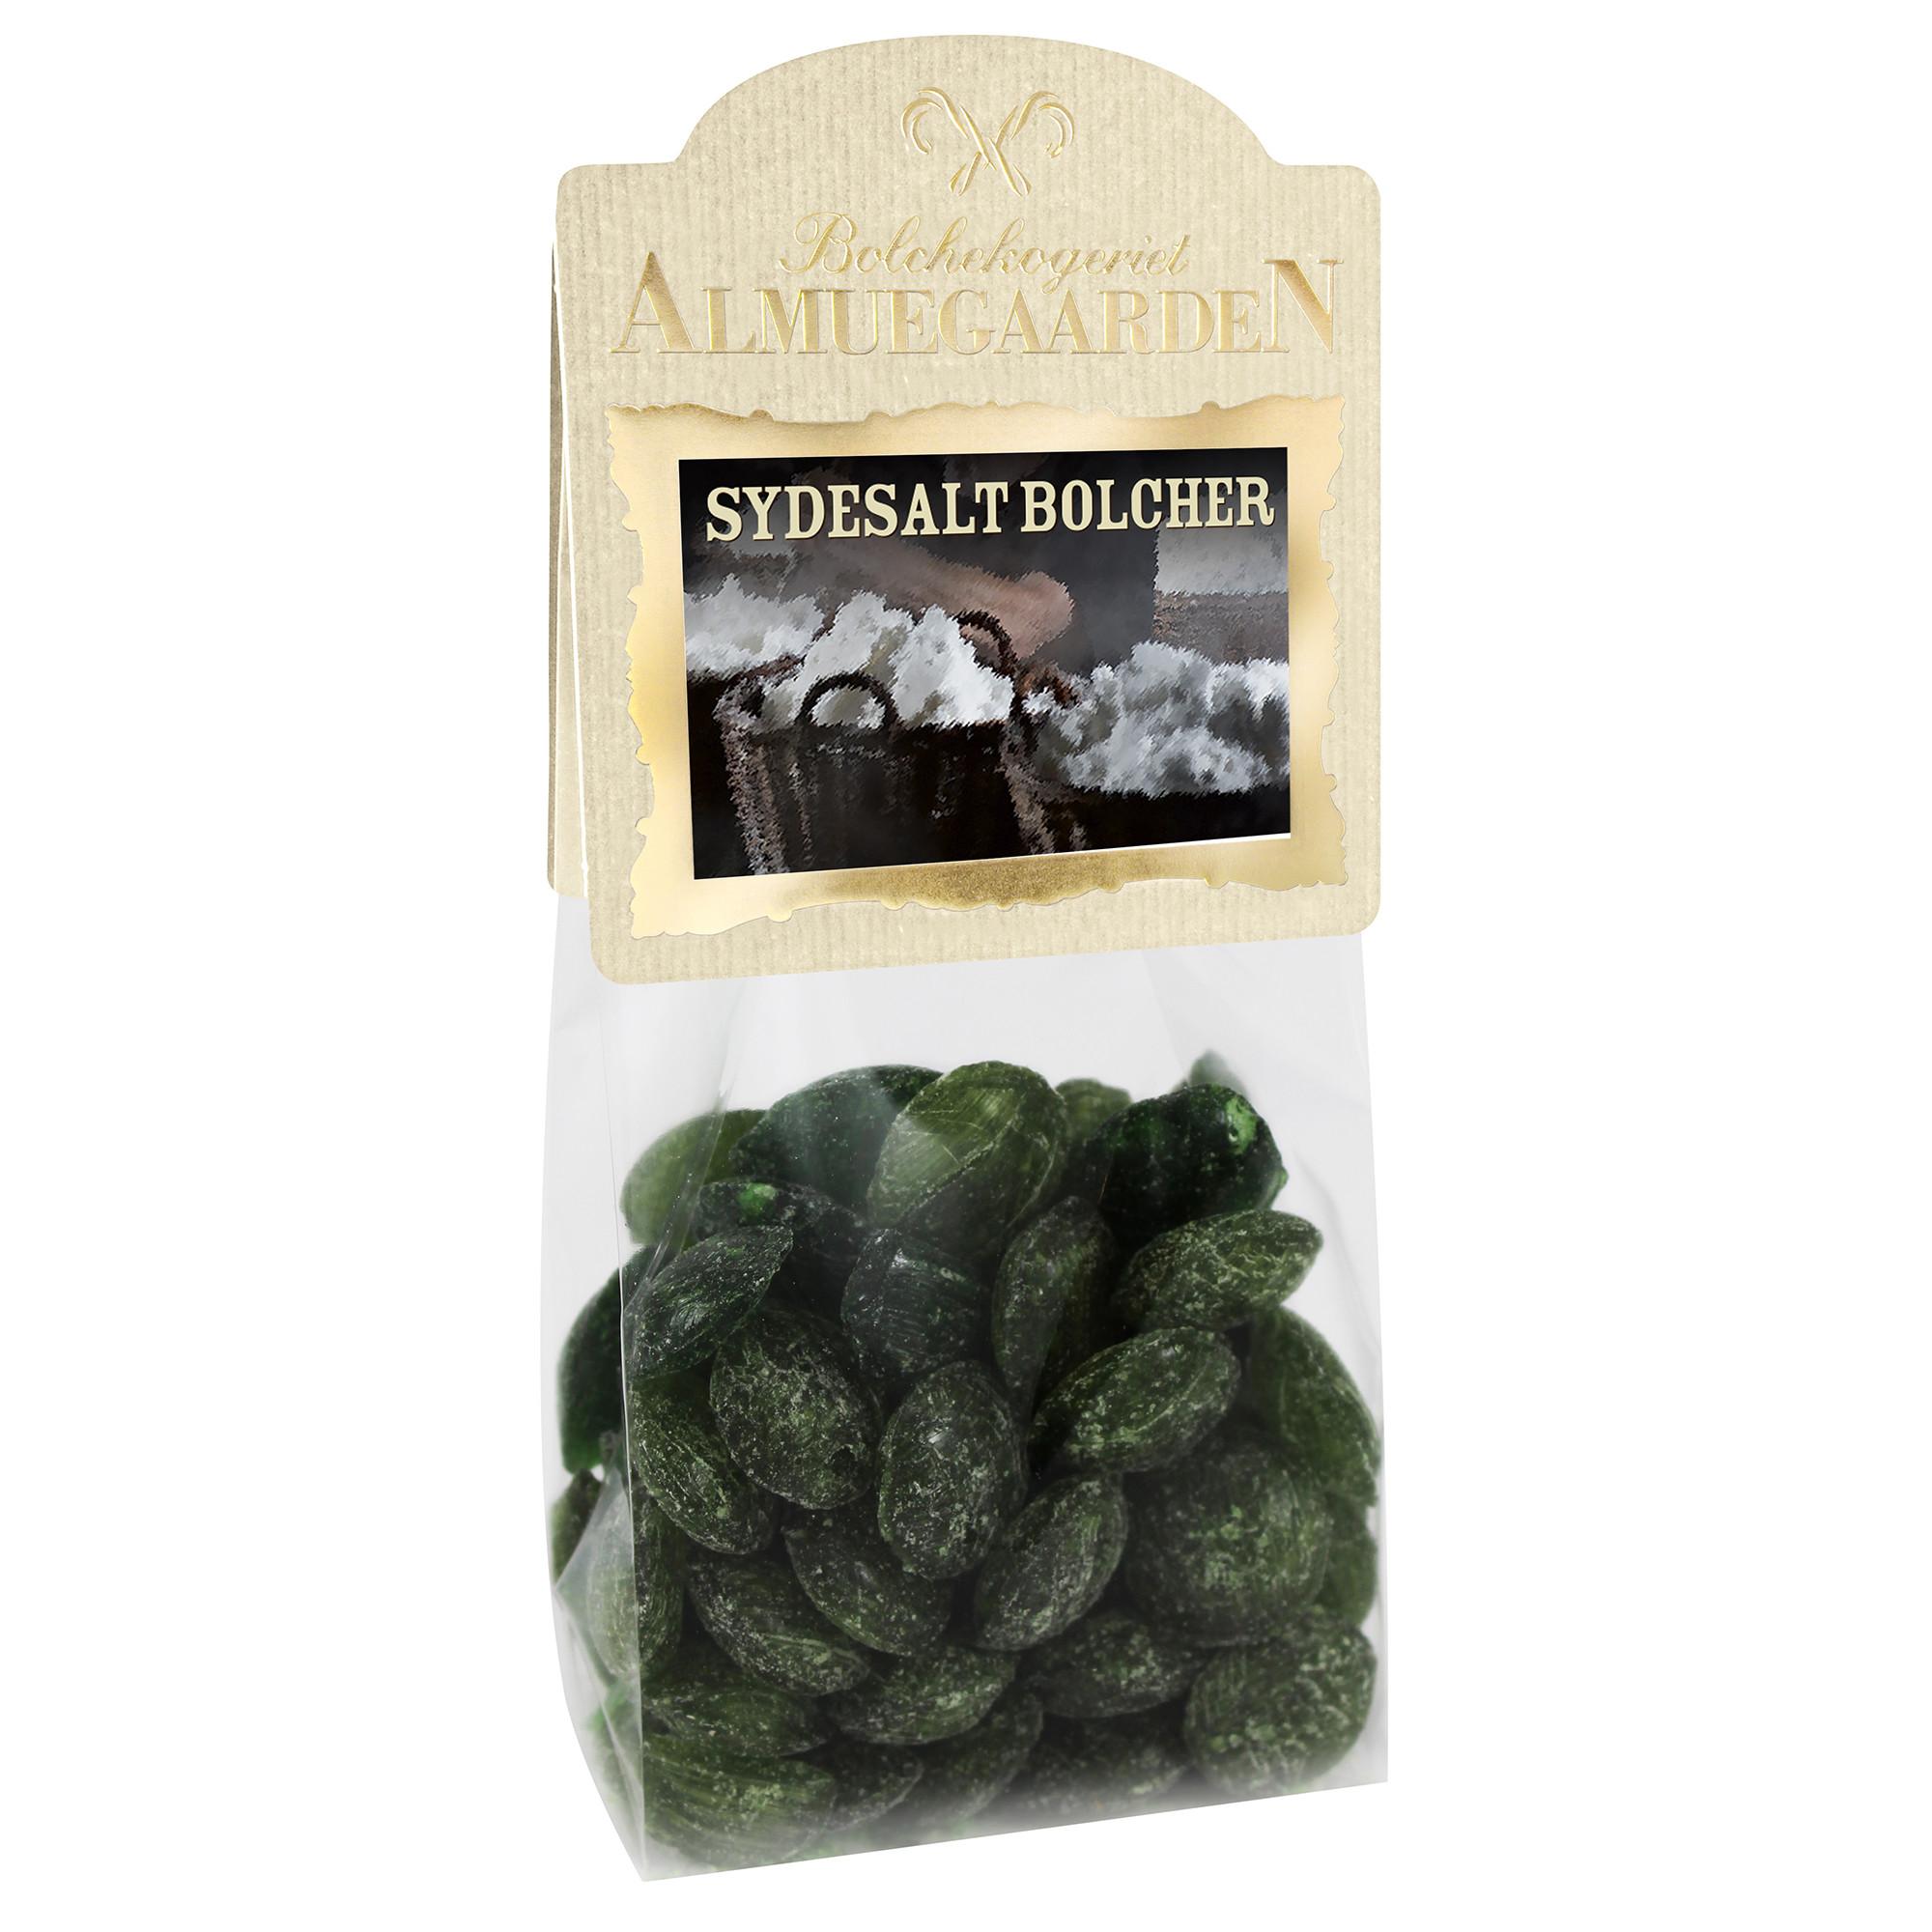 Image of Æble & Sydesalt Bolcher - 150 gram